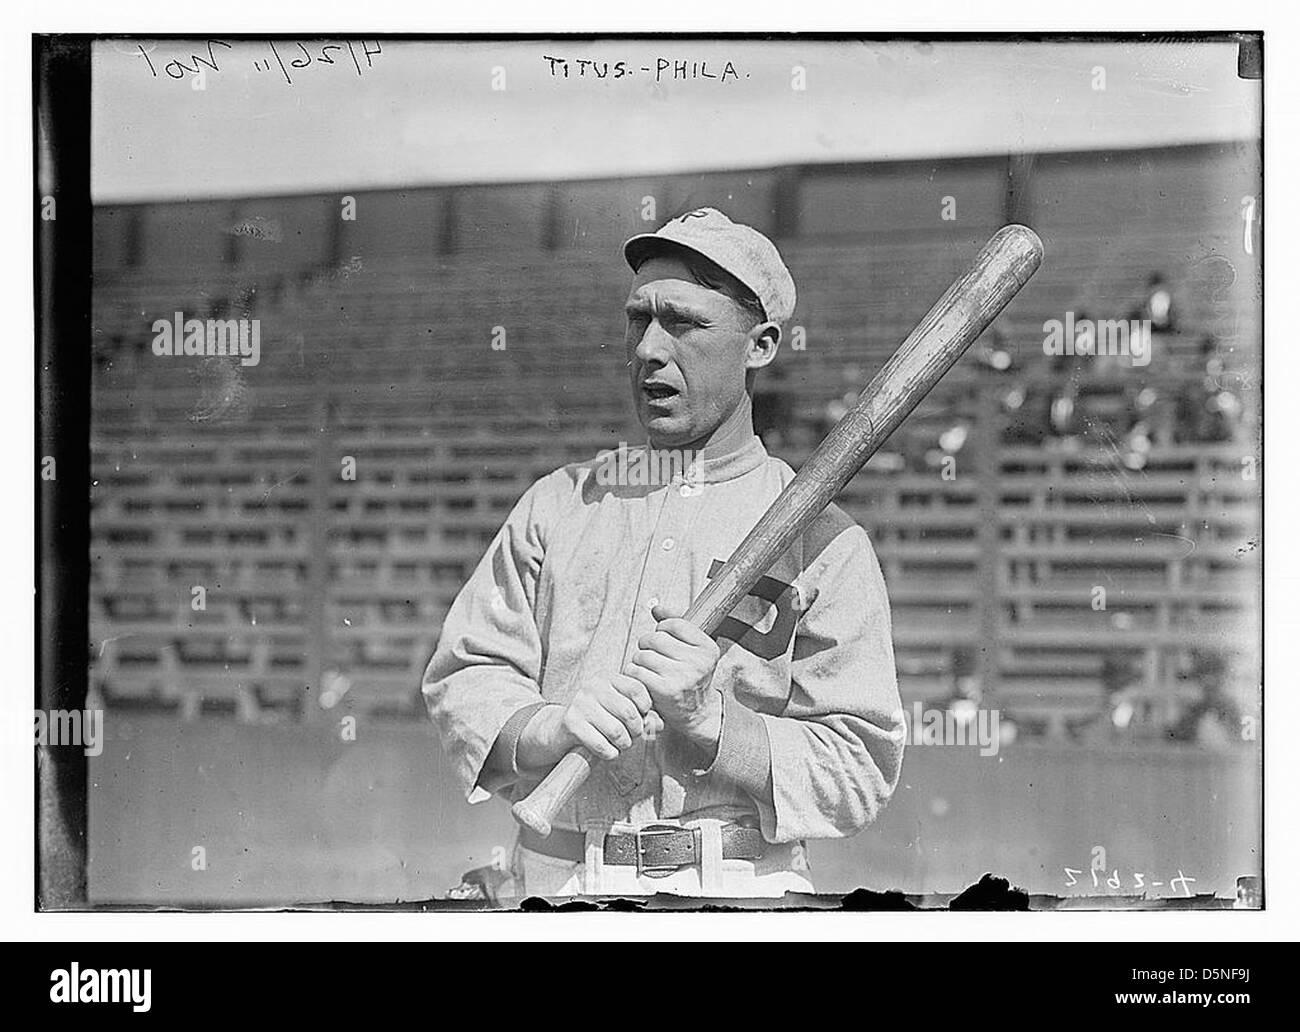 [Juan Tito, Filadelfia, NL (béisbol)] (LOC) Imagen De Stock